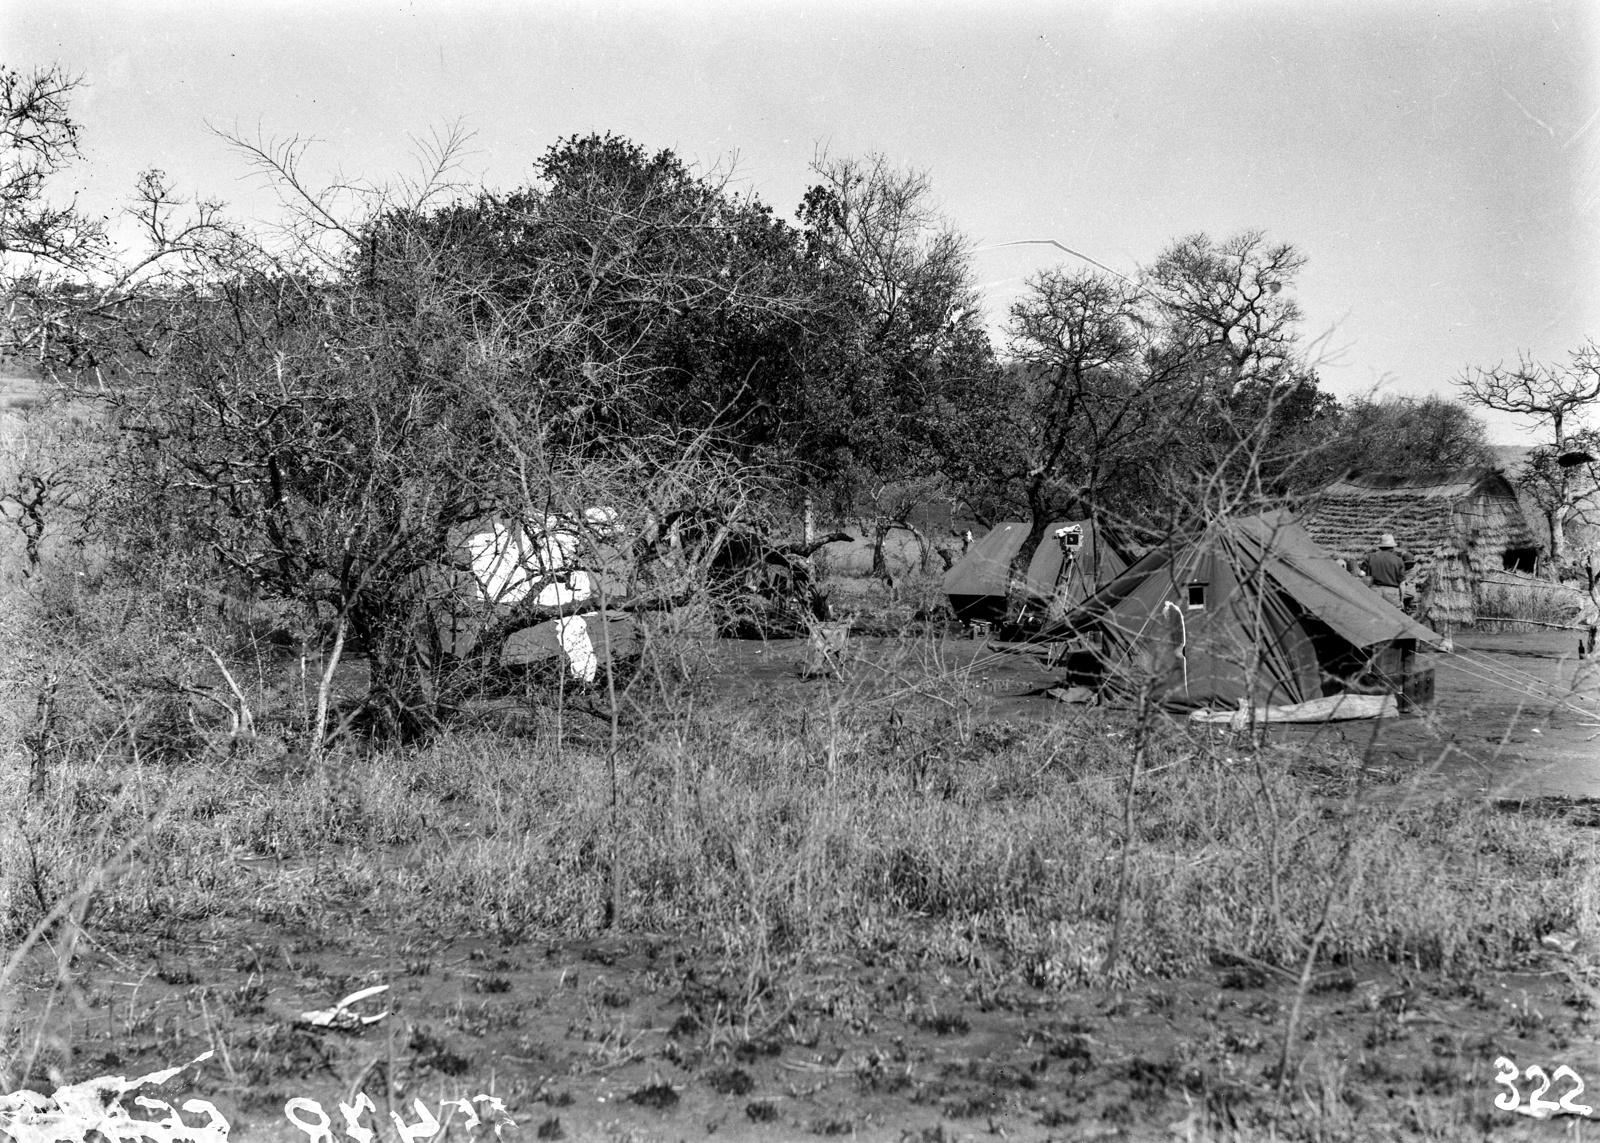 Южно-Африканский Союз. Квазулу-Наталь. Экспедиционный лагерь в поселении аборигенов